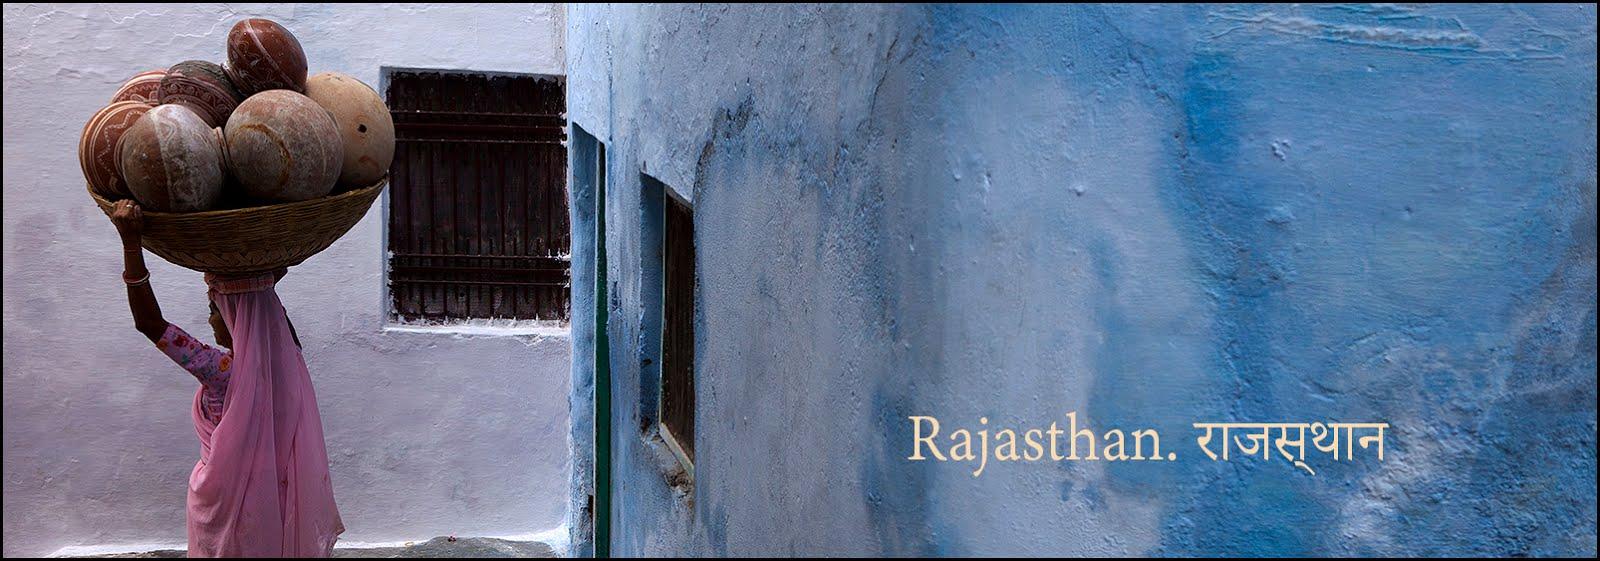 Rajasthan. राजस्थान